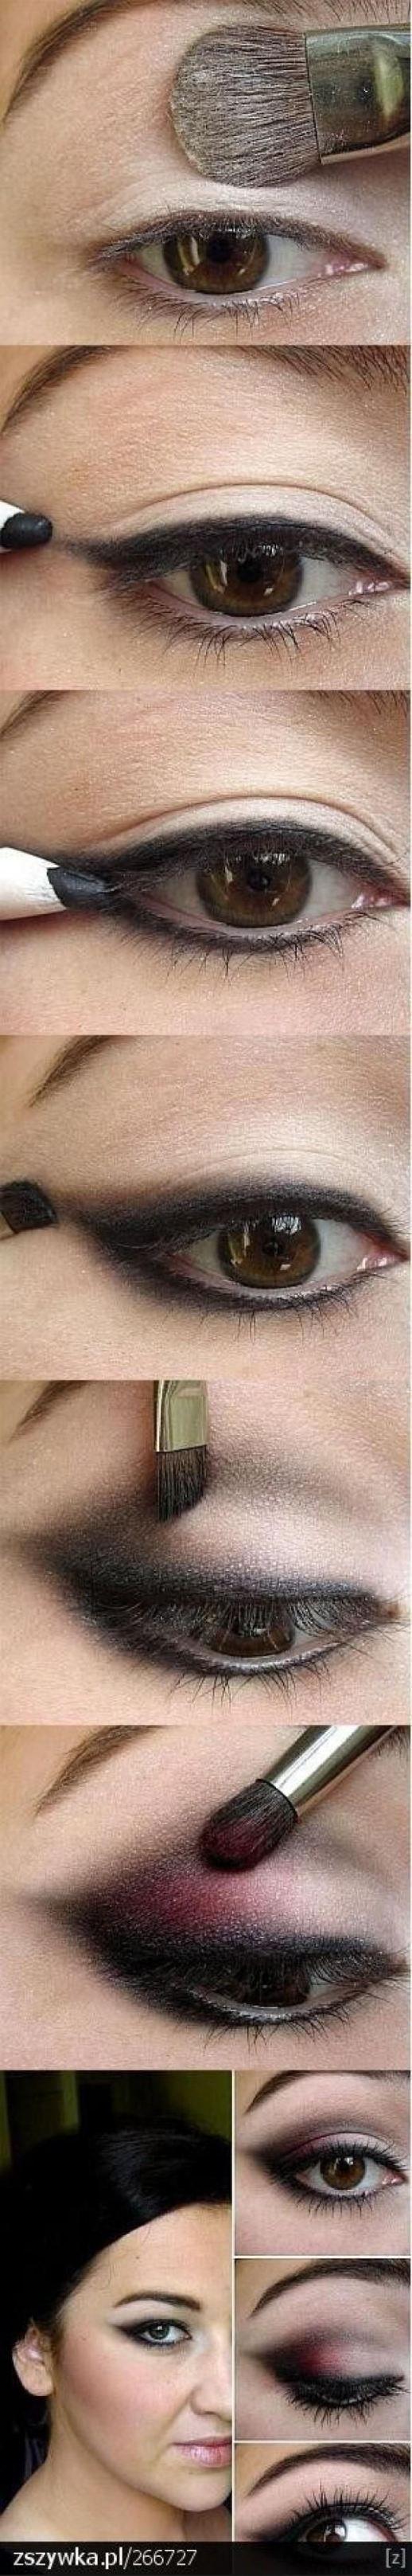 Maquillaje de ojo para novia de ojos marrón